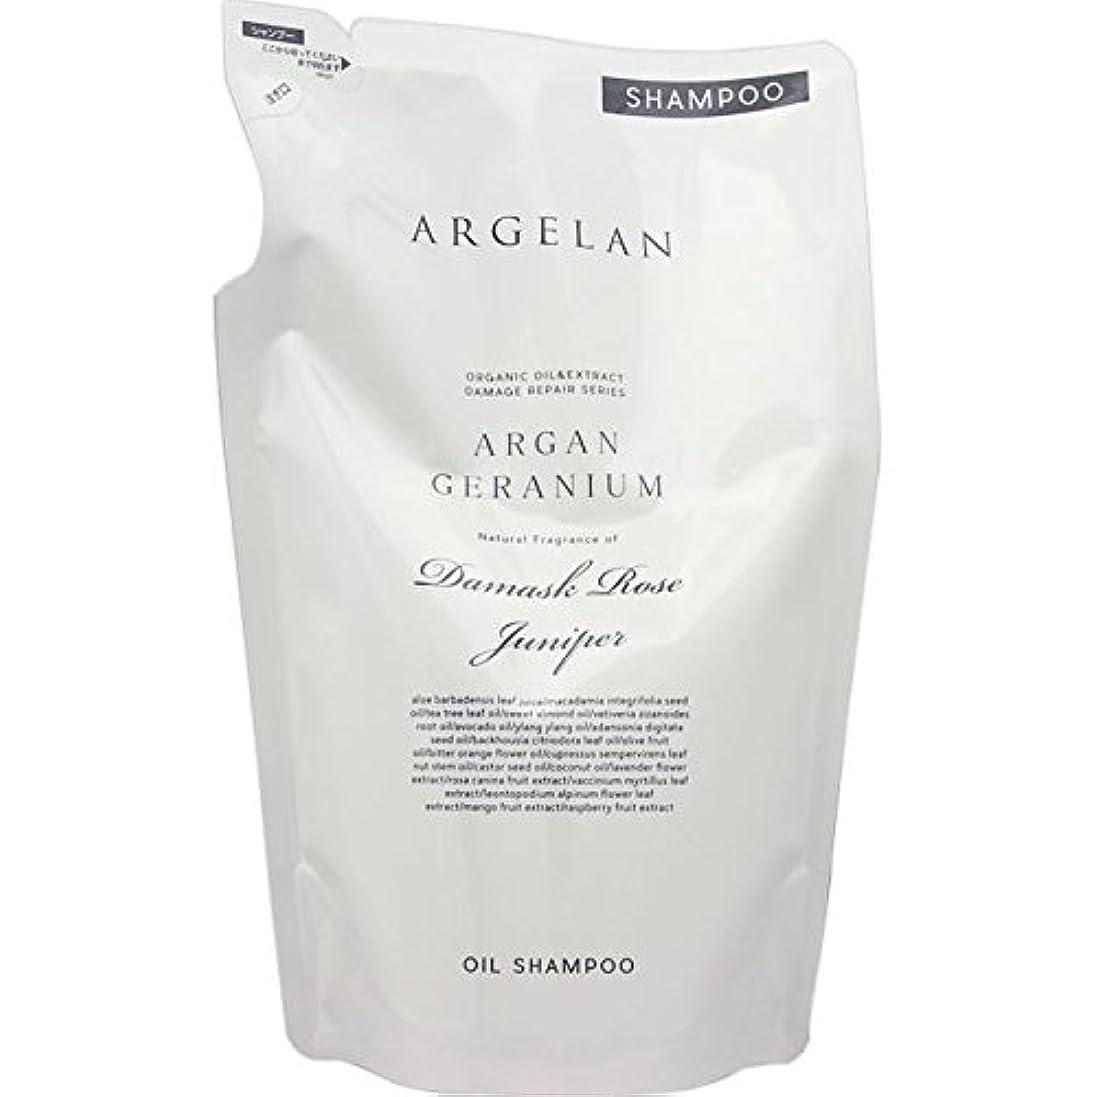 プレゼンテーション恐ろしいです枯渇するアルジェラン オーガニック 手搾りアルガン オイル シャンプー 詰替え用 400ml詰替